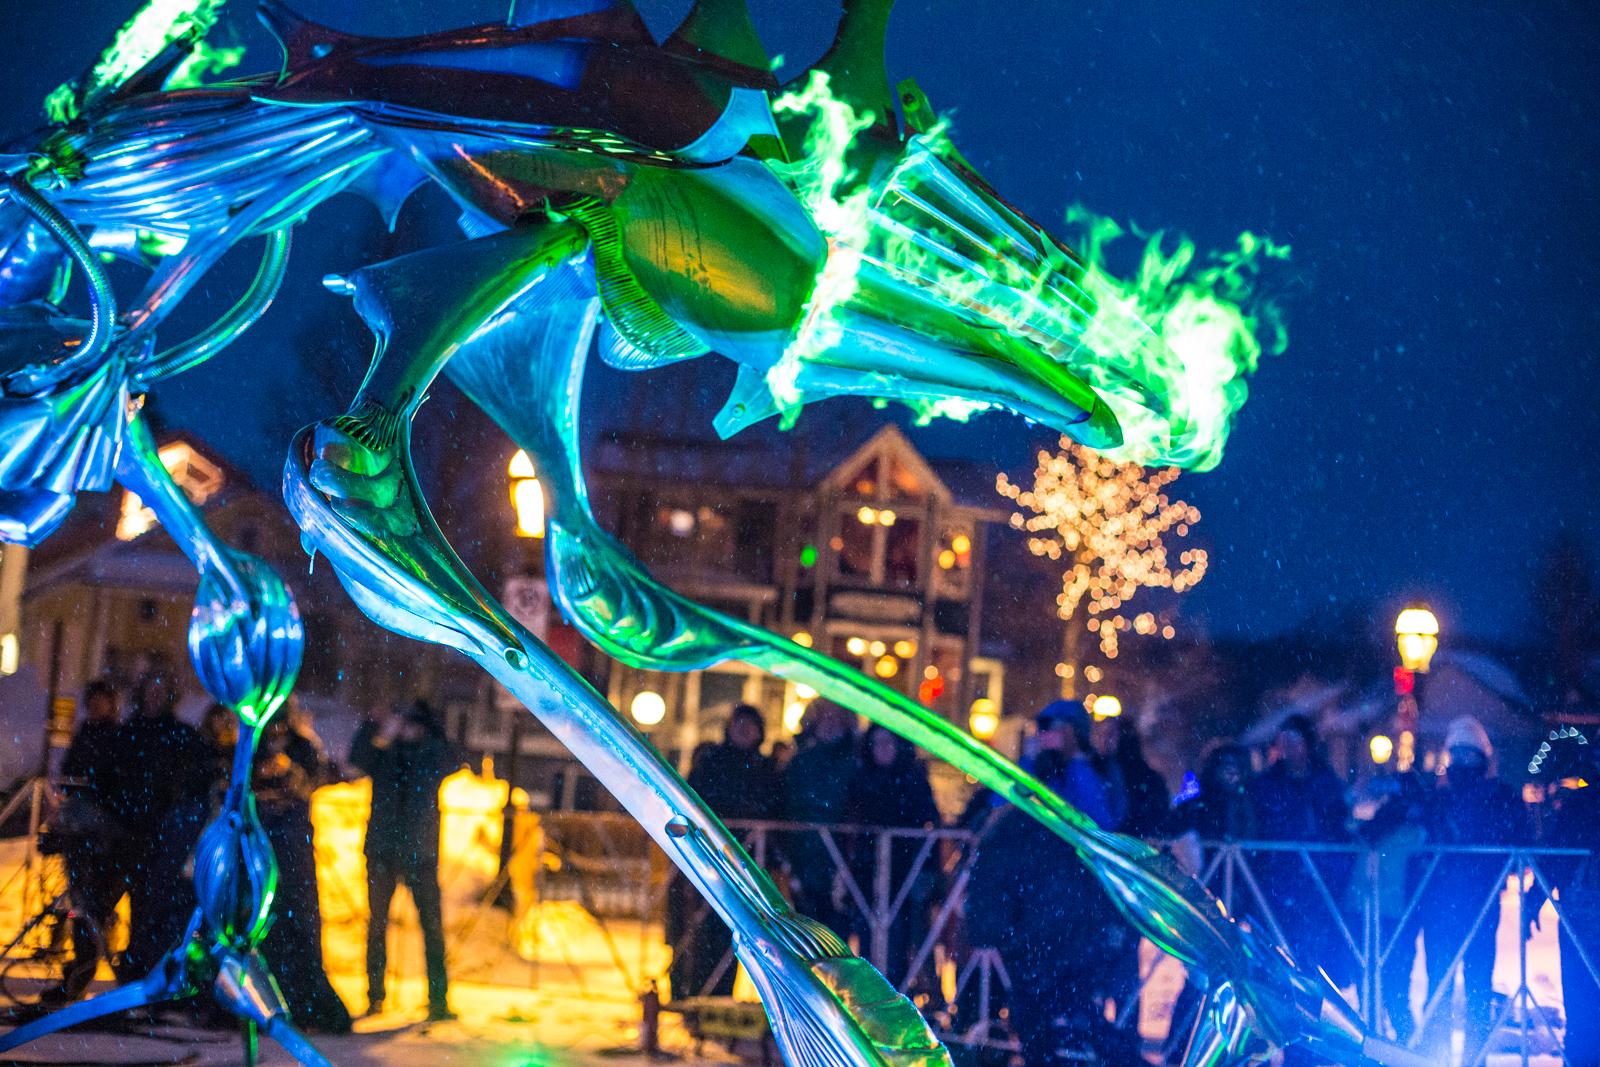 GOGuide – FAF-Fire-Sculpture-02-photo-by-Liam-Doran